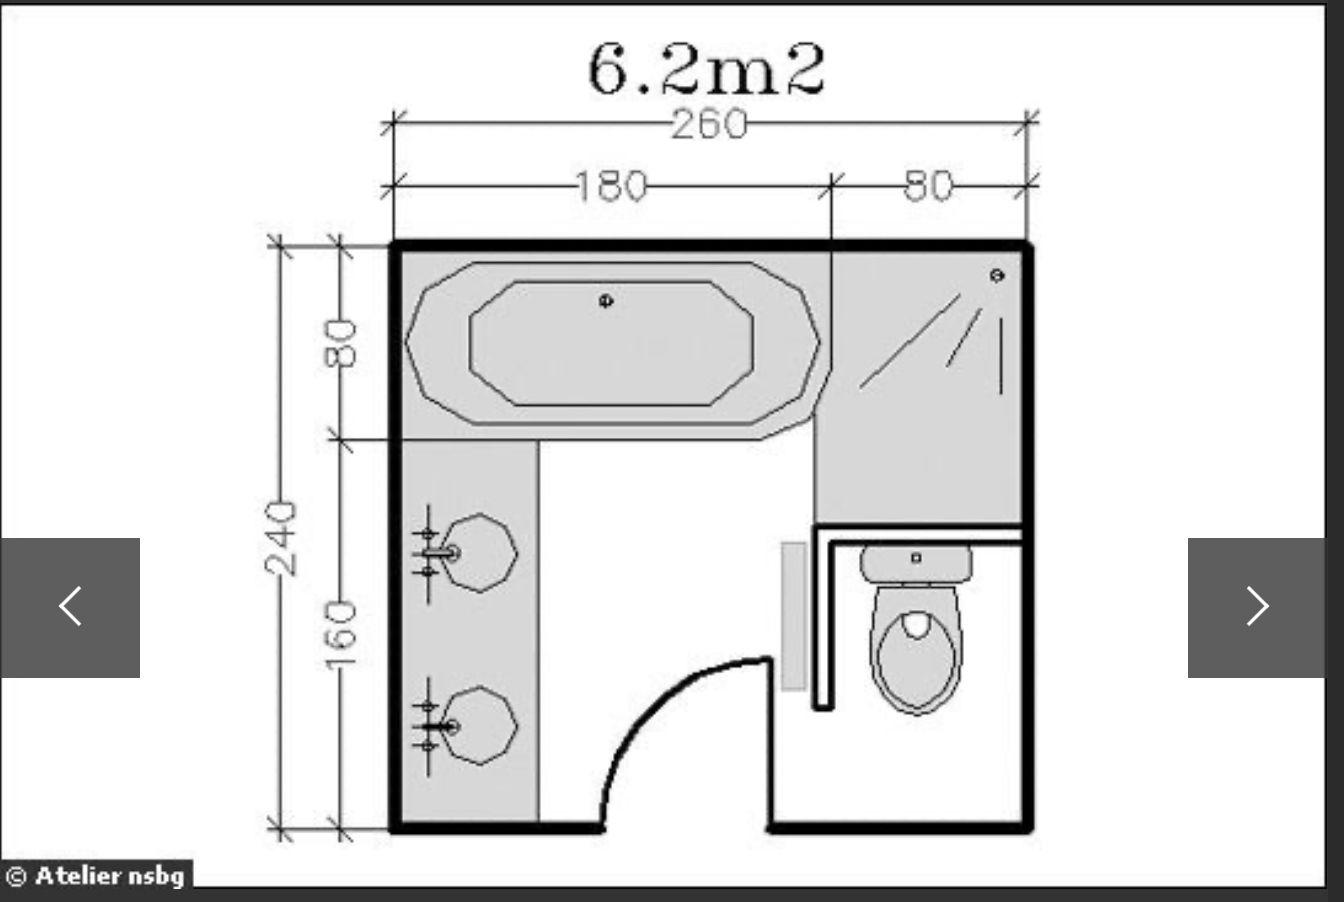 Epingle Par Alisa Weirich Sur Renovation Salon En 2020 Plan Salle De Bain Salle De Bains Avec Wc Plans Petite Salle De Bain